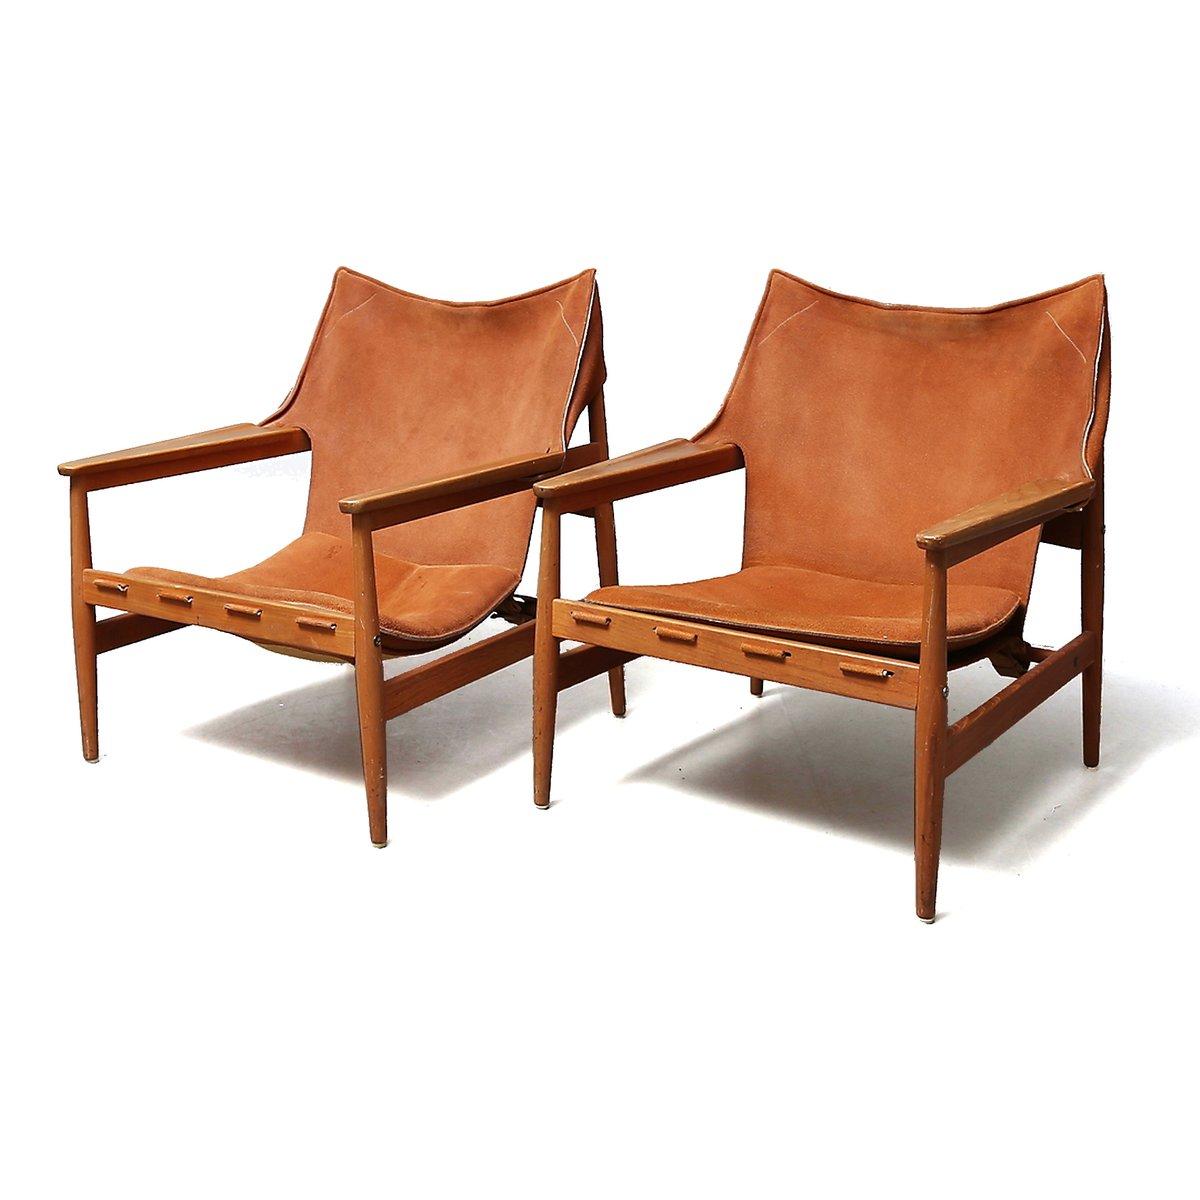 Schwedische Sessel aus Kunstleder von Hans Olsen für Viska Möbler, 196...